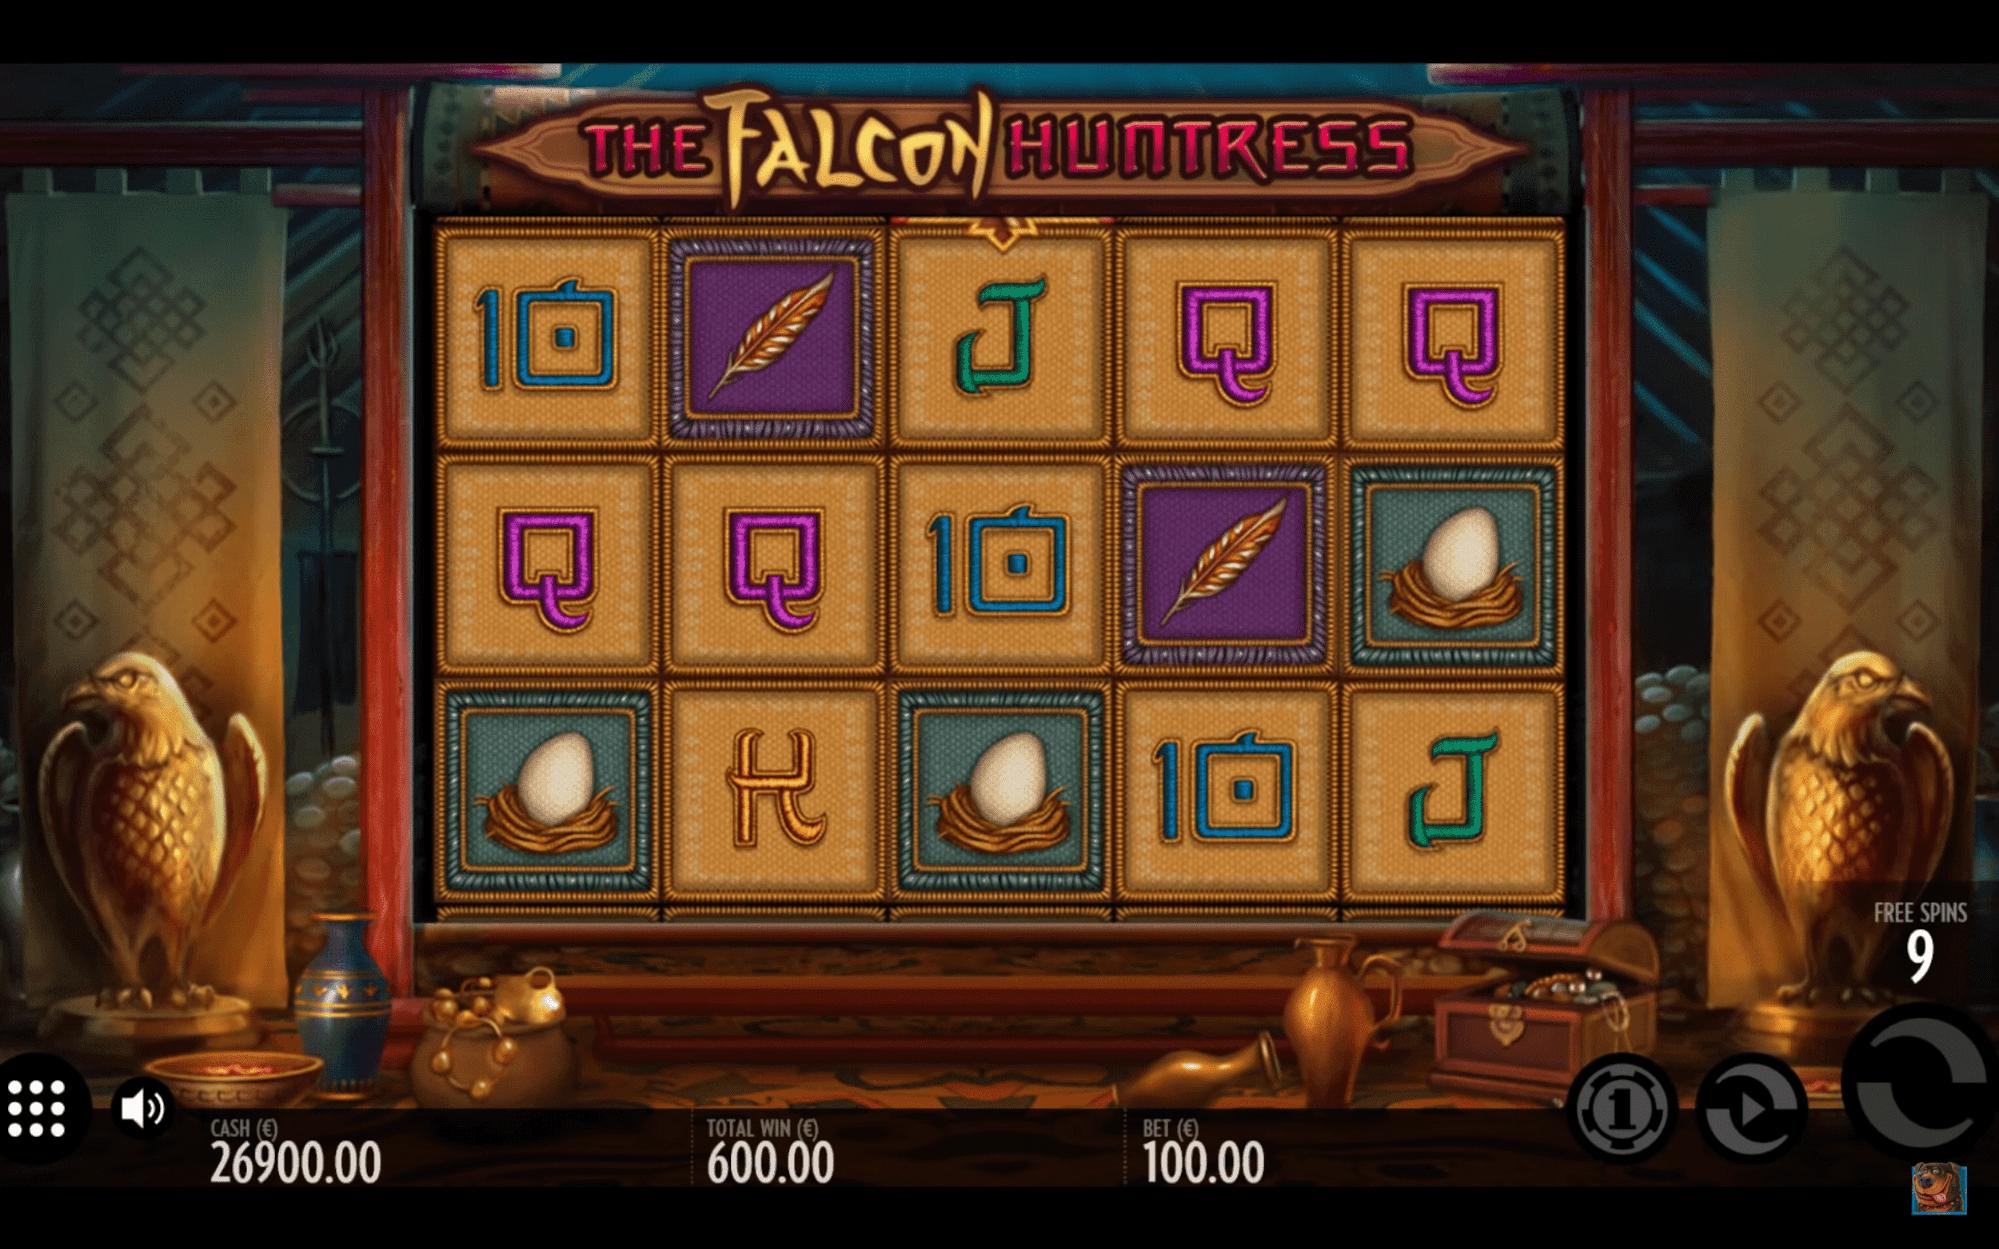 Spielen Sie The Falcon Huntress Slot Machine im Betchaser Casino-1